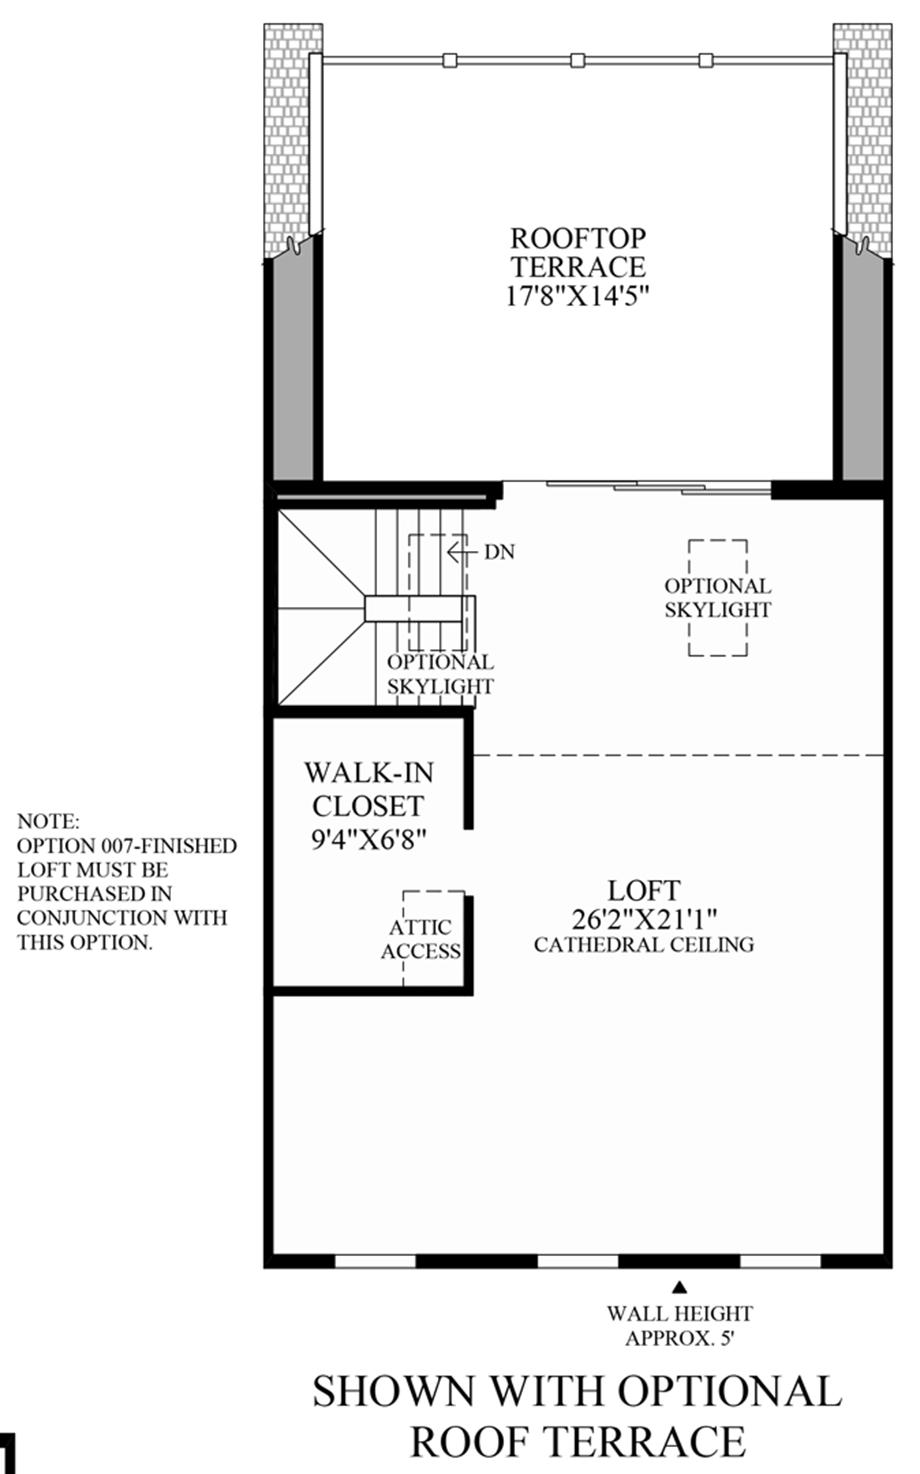 Optional Roof Terrace Floor Plan